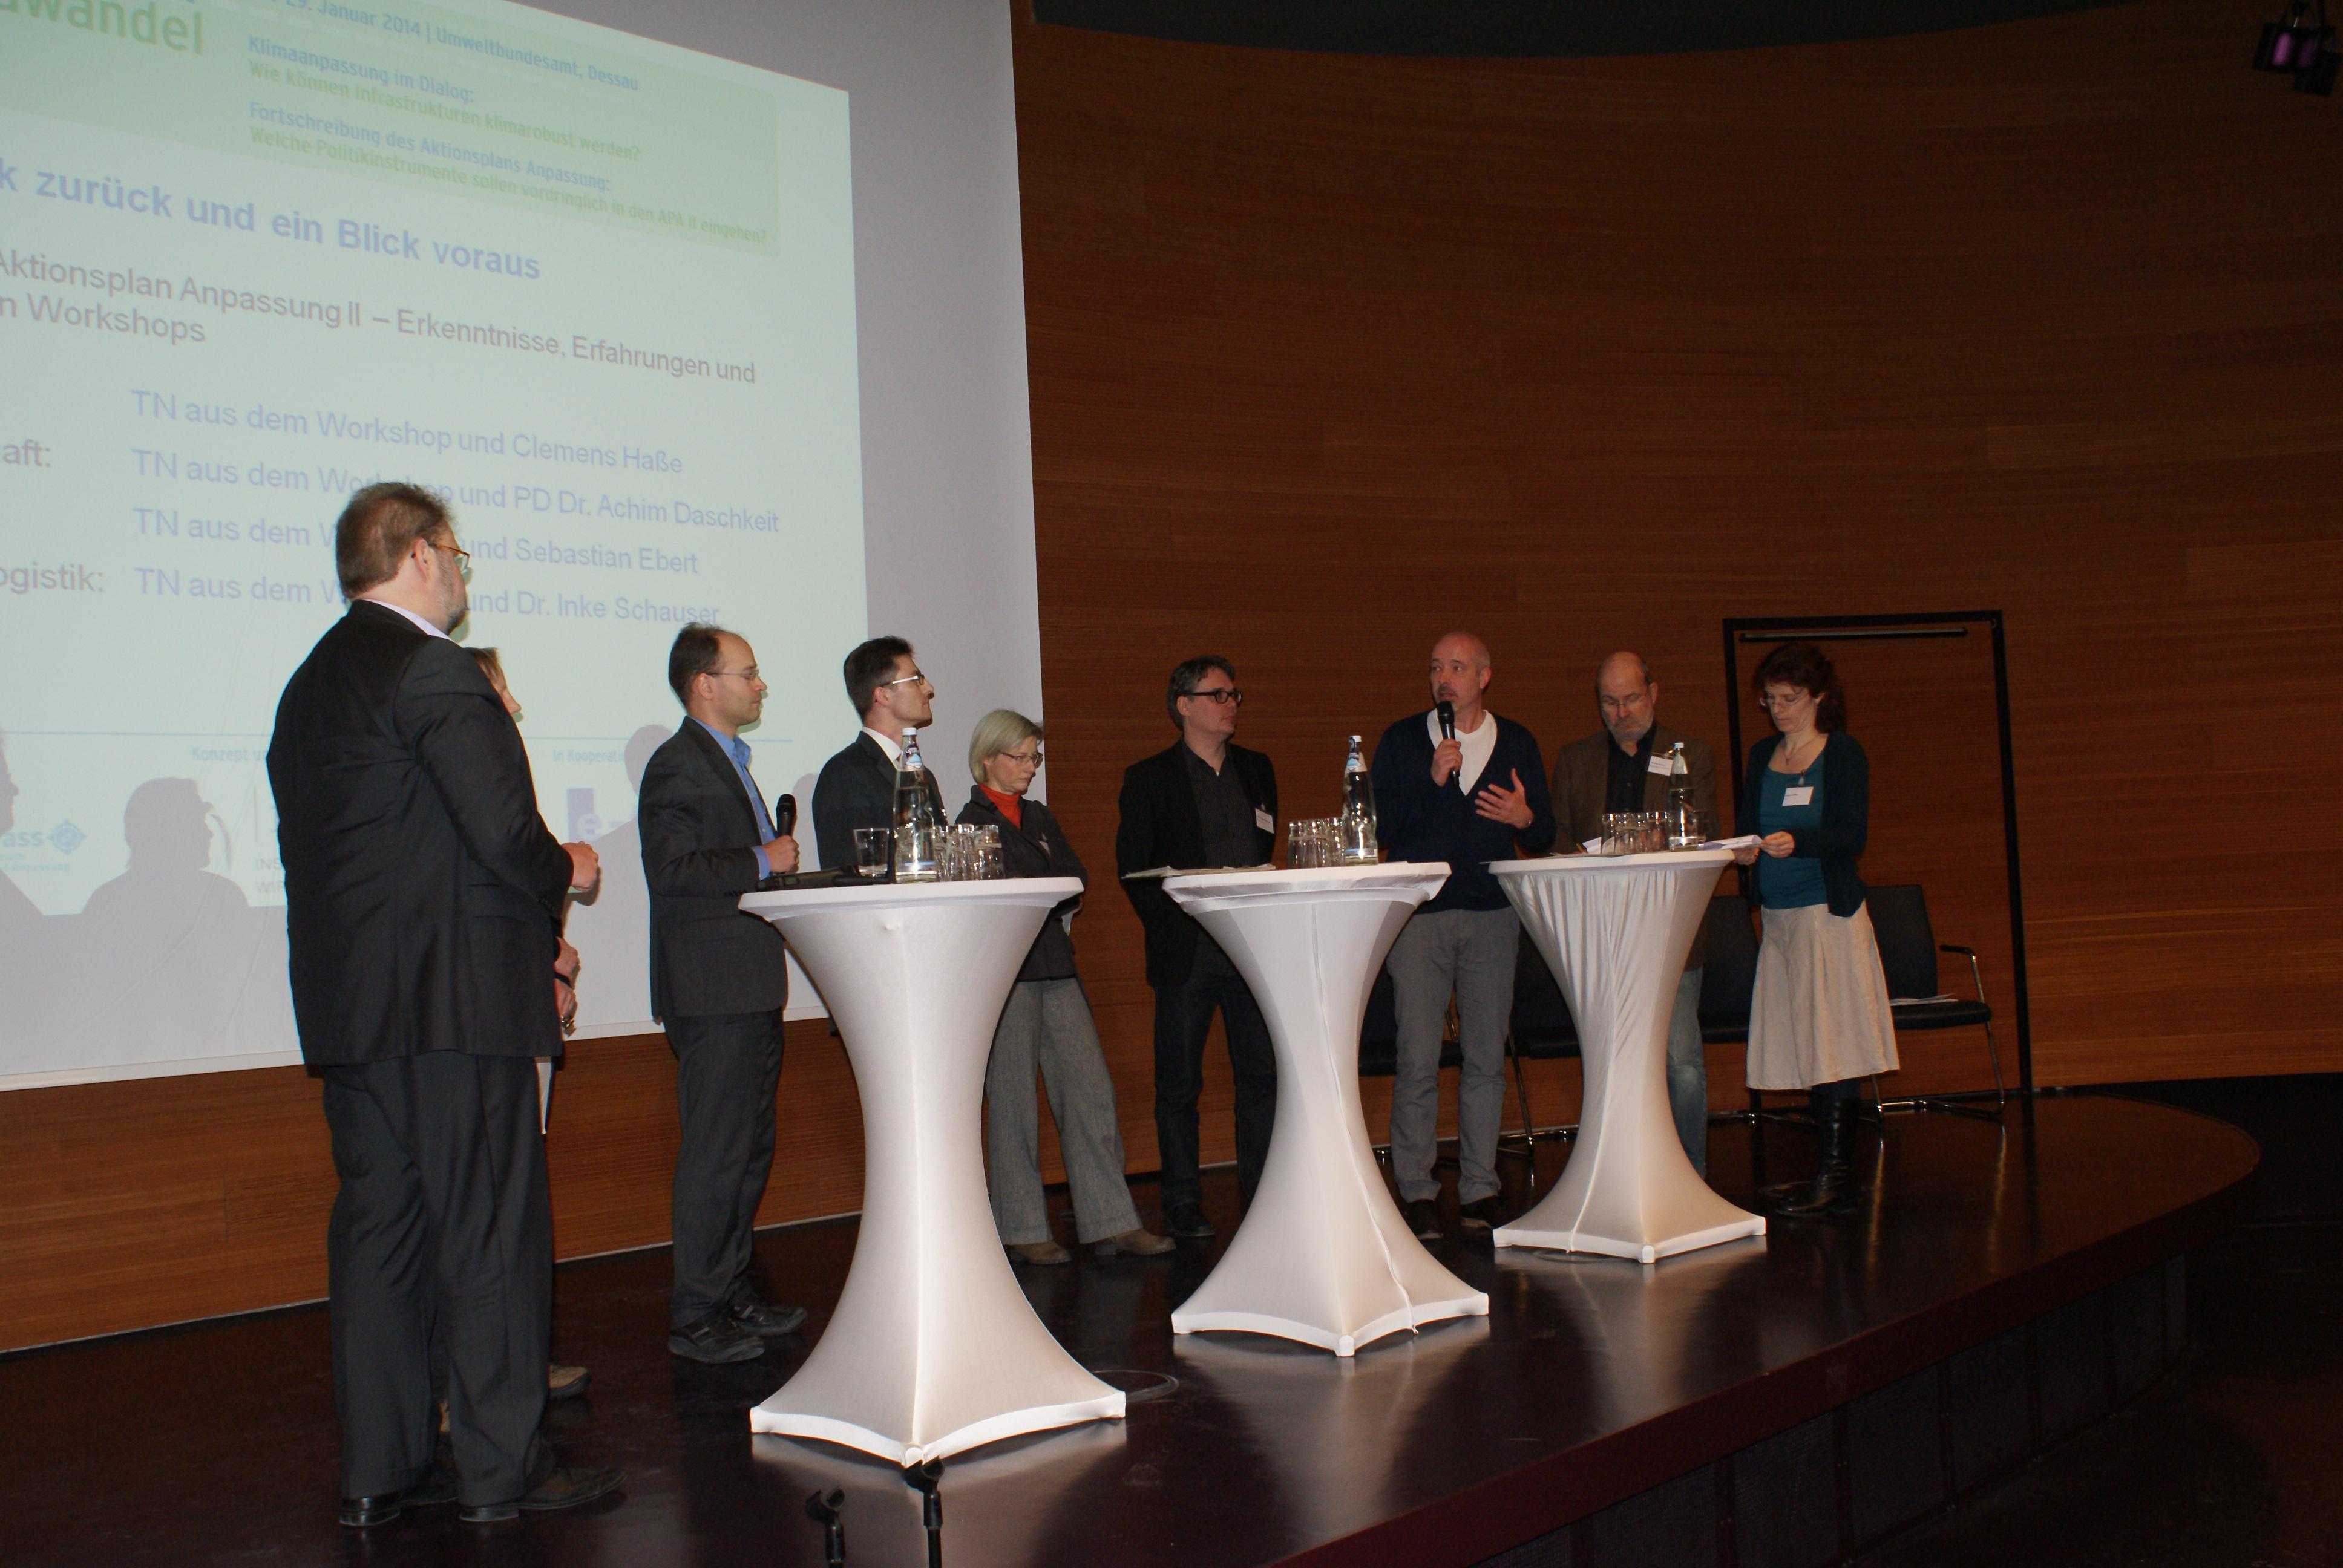 Teilnehmer der abschließenden Podiumsdiskussion stehen auf der Bühne um Stehtische herum Rede und Antwort